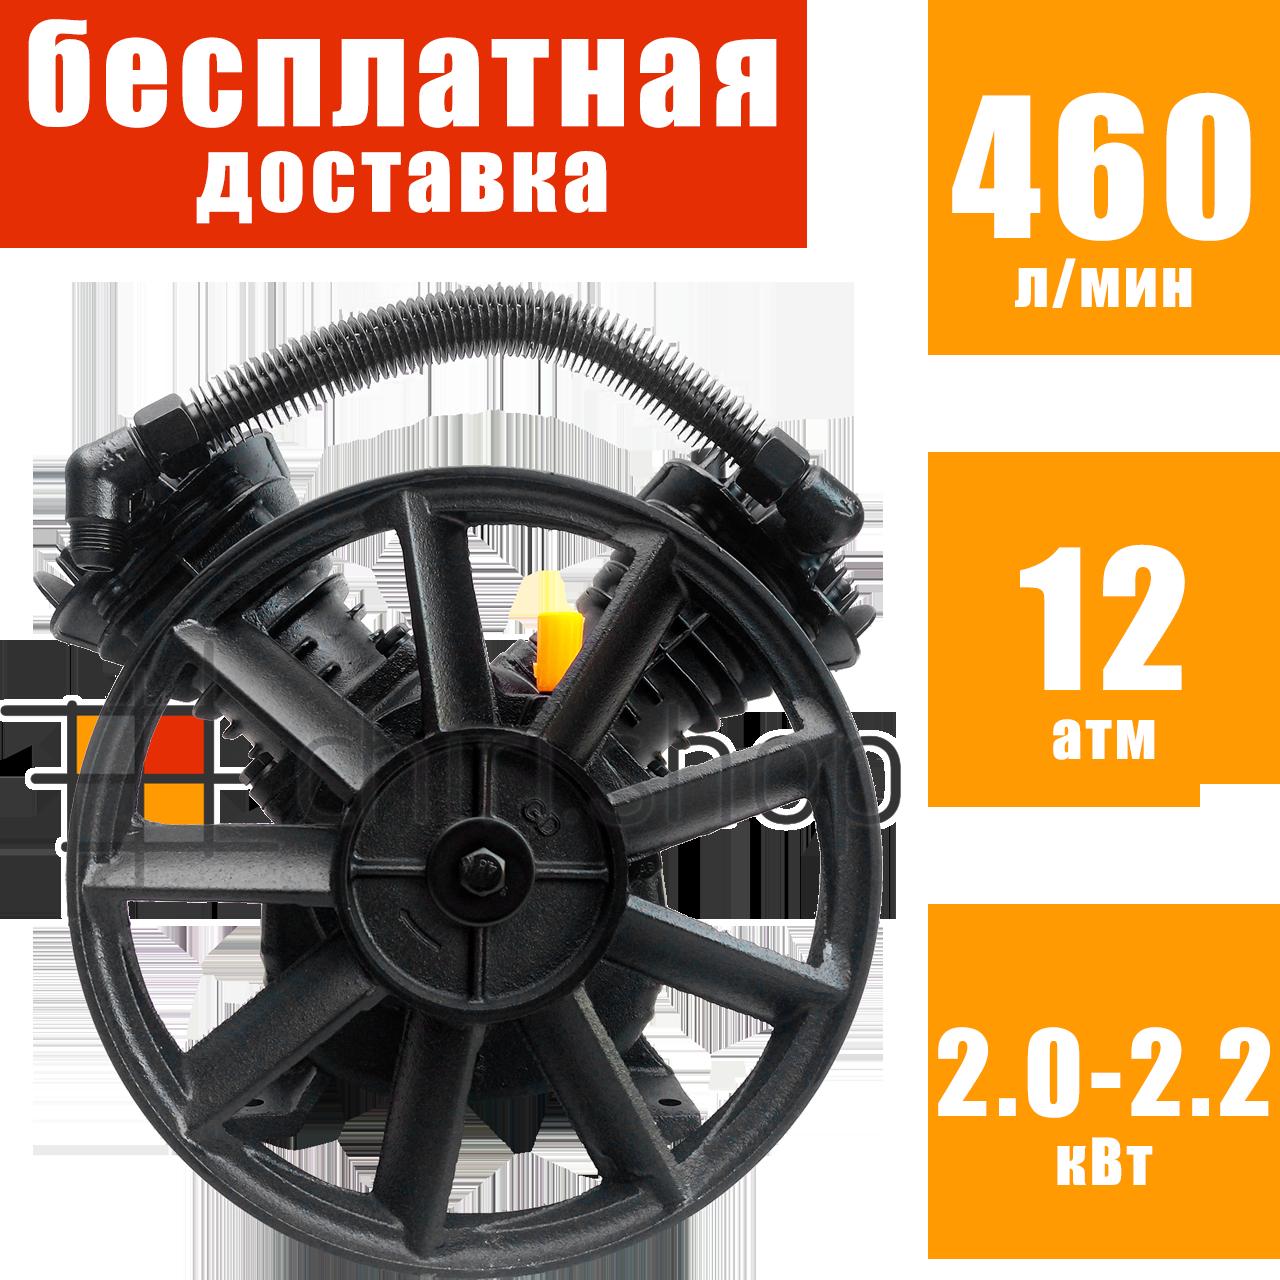 Компрессорная головка 460 л/мин, двухцилиндровая головка компрессора 2065, компрессионный блок для компрессора